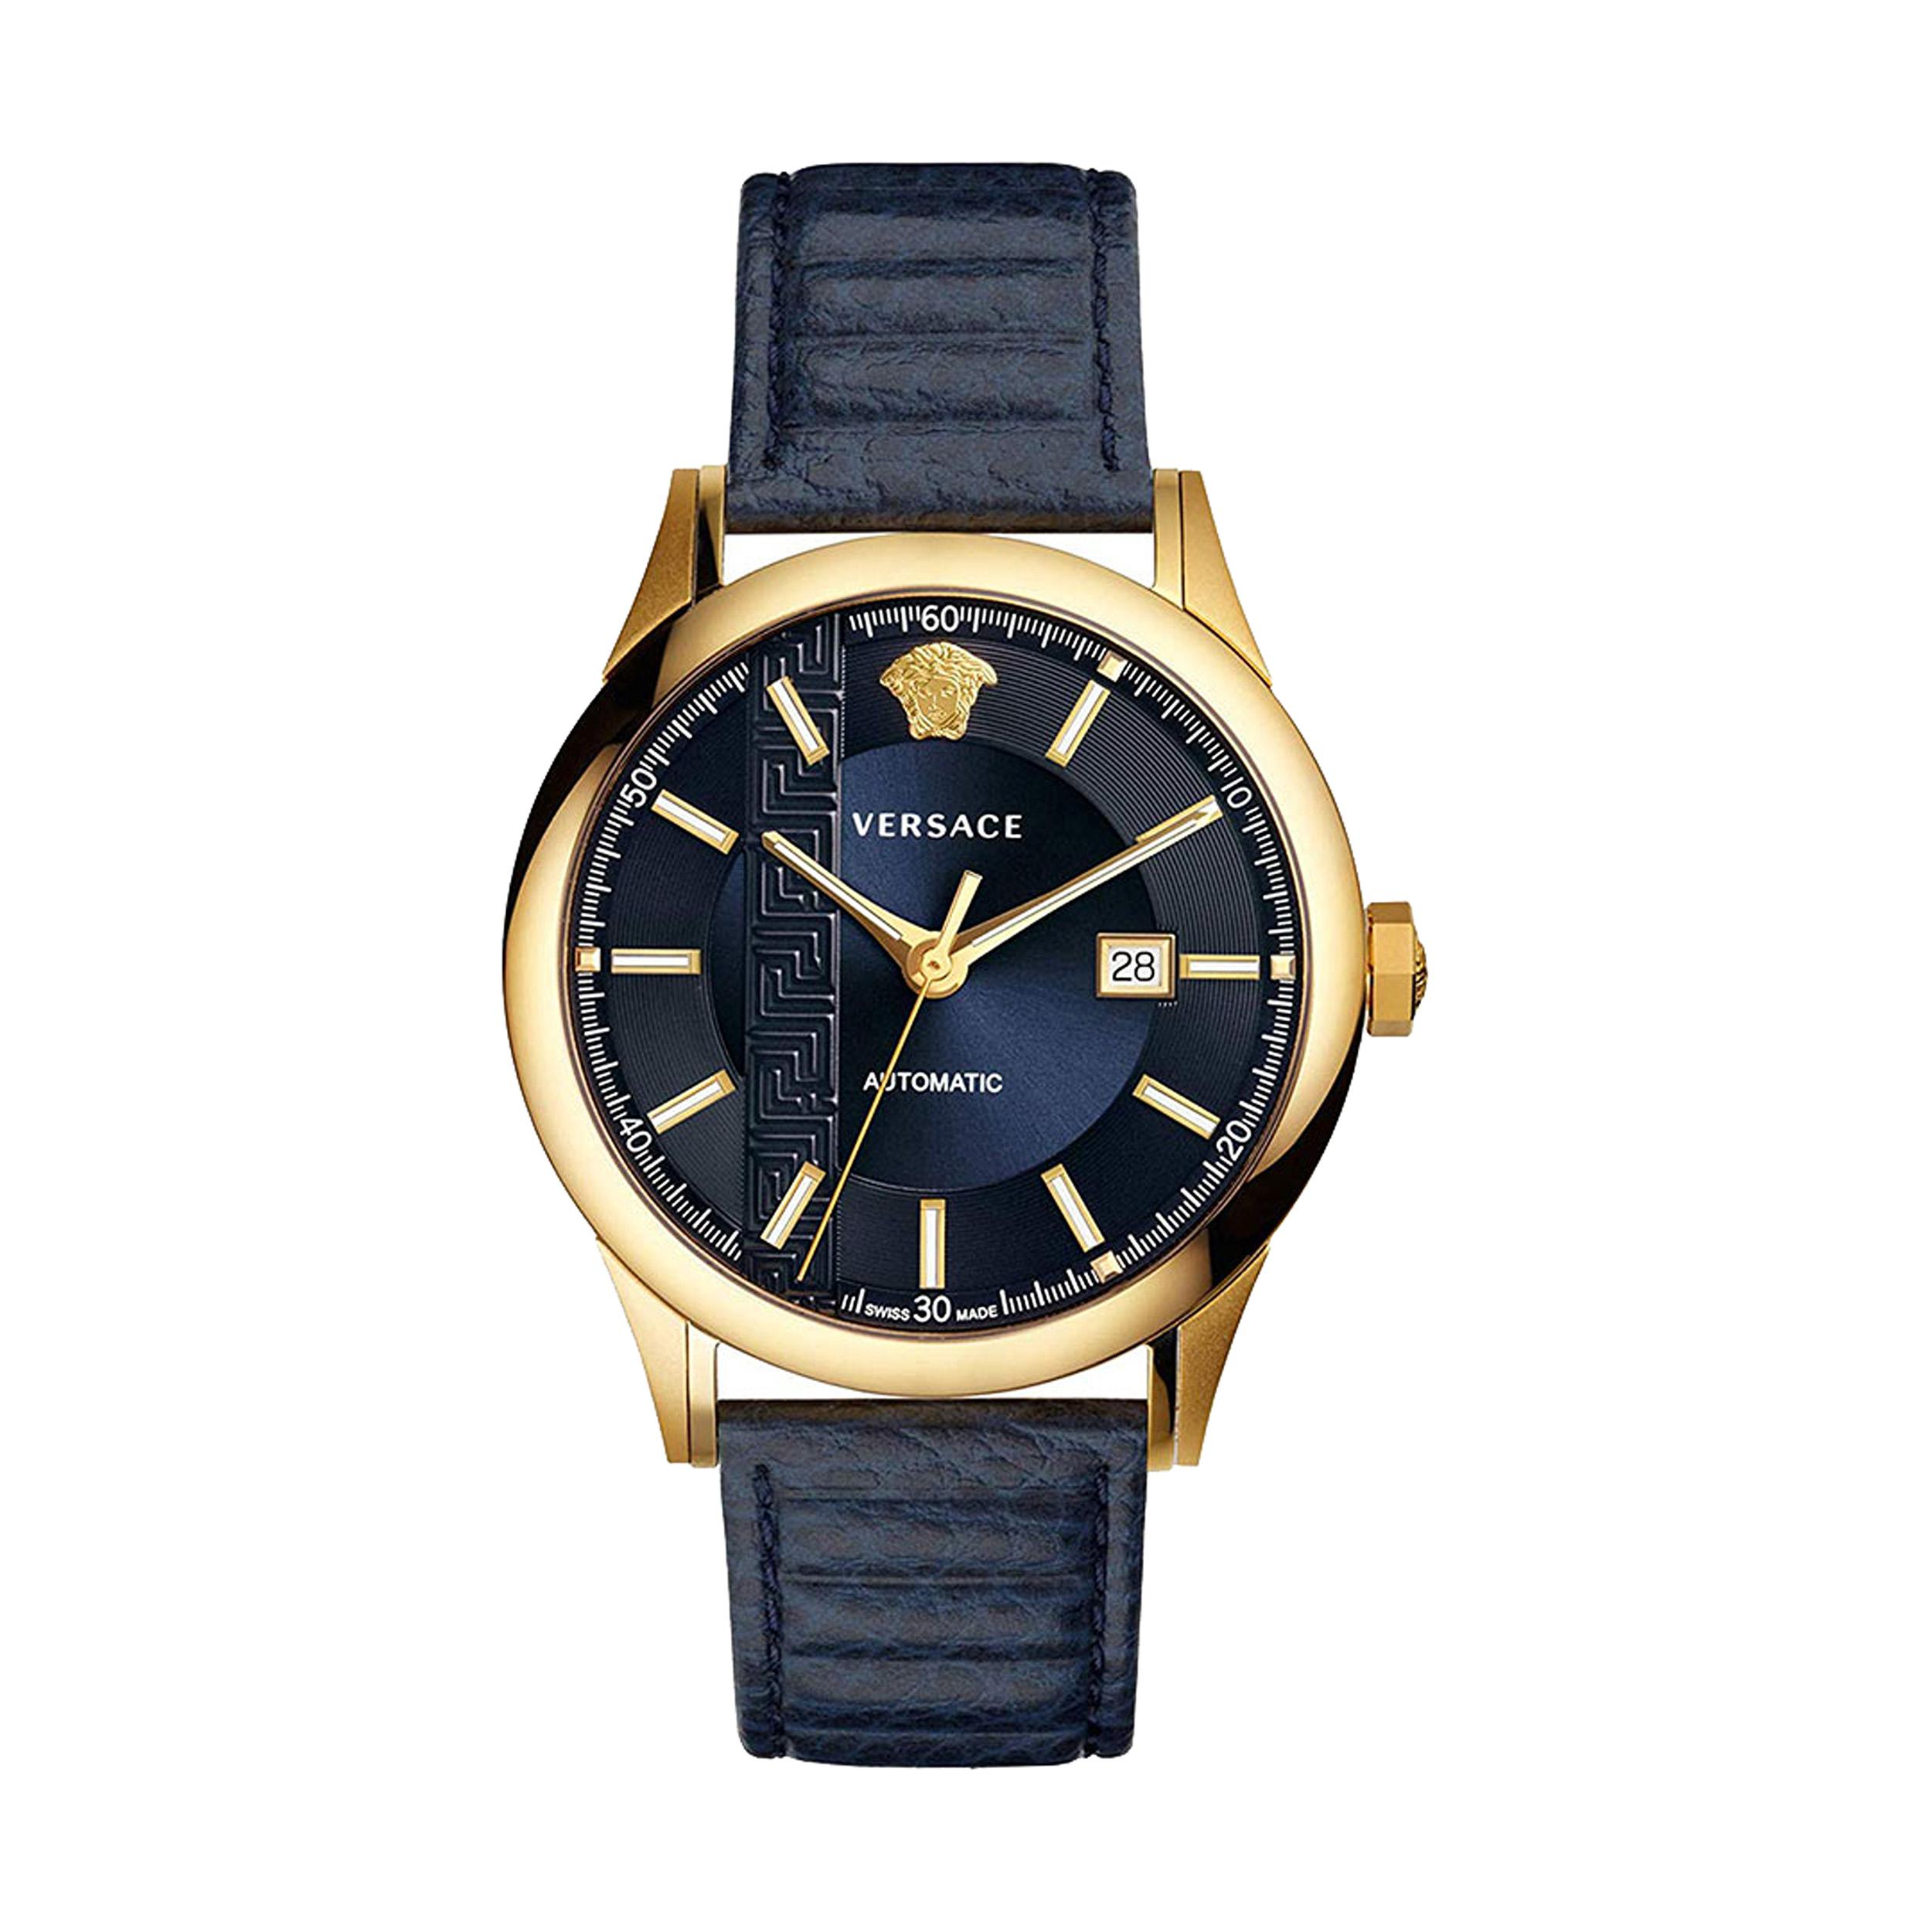 ساعت مچی عقربه ای مردانه ورساچه مدل V18020017